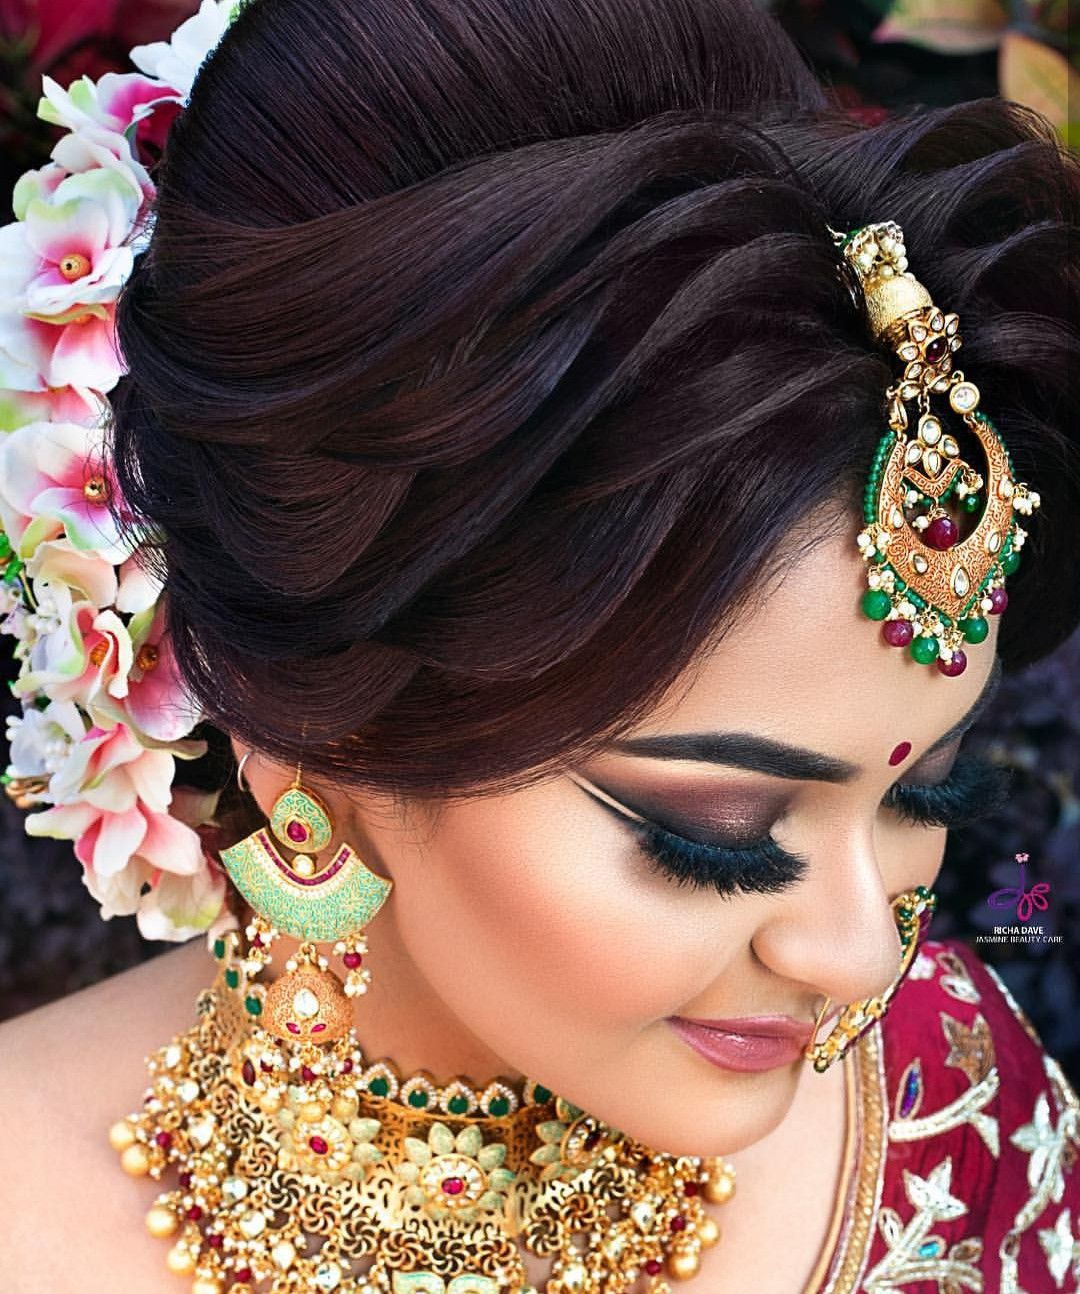 bridalheadband #bridalheadpieces #bridalaccessories #bridalheadwear